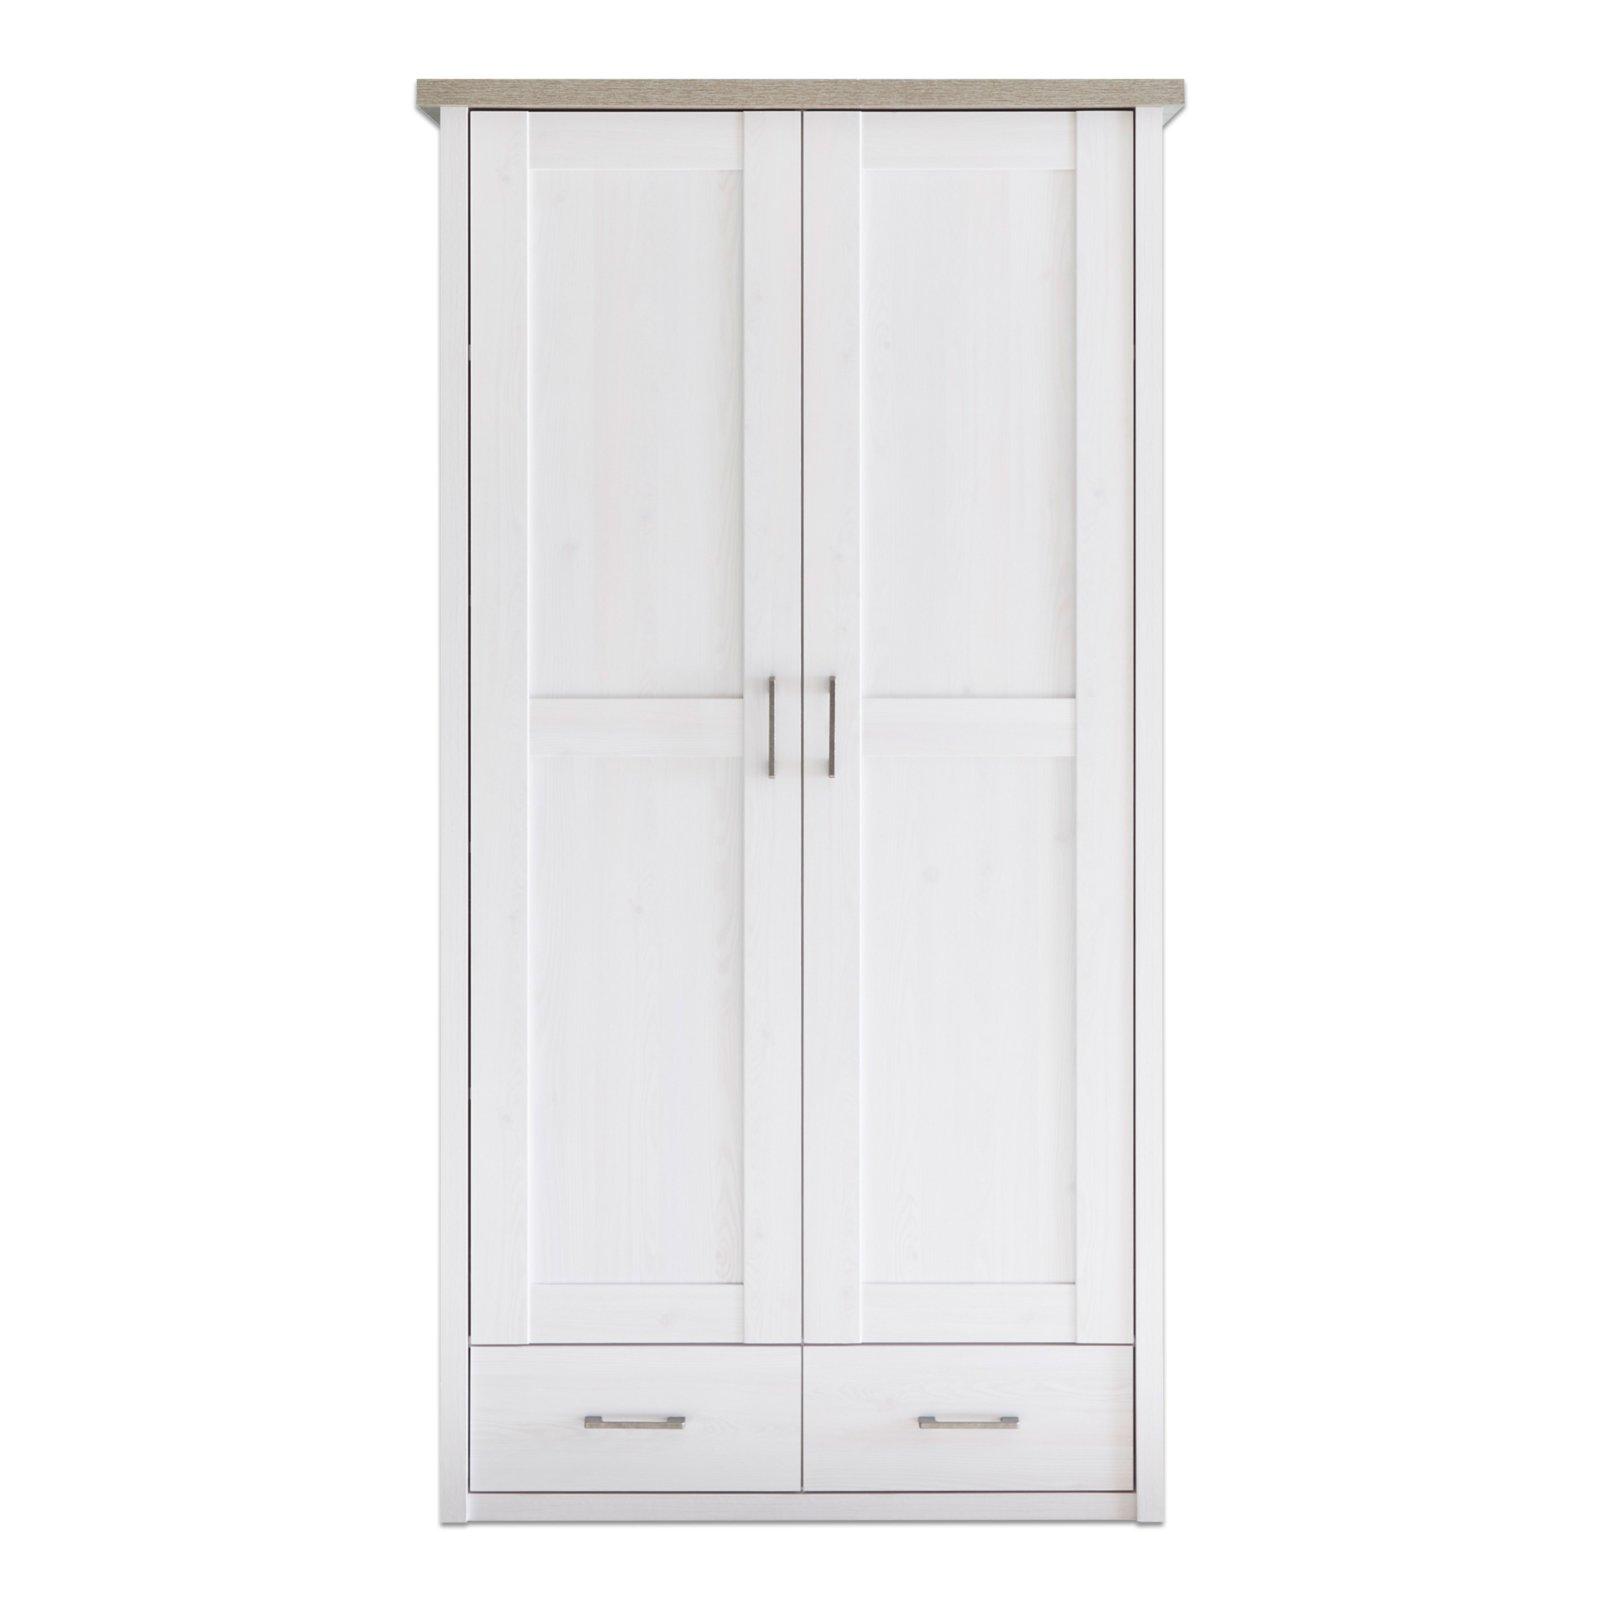 kleiderschrank luca pinie wei tr ffel 106 cm. Black Bedroom Furniture Sets. Home Design Ideas